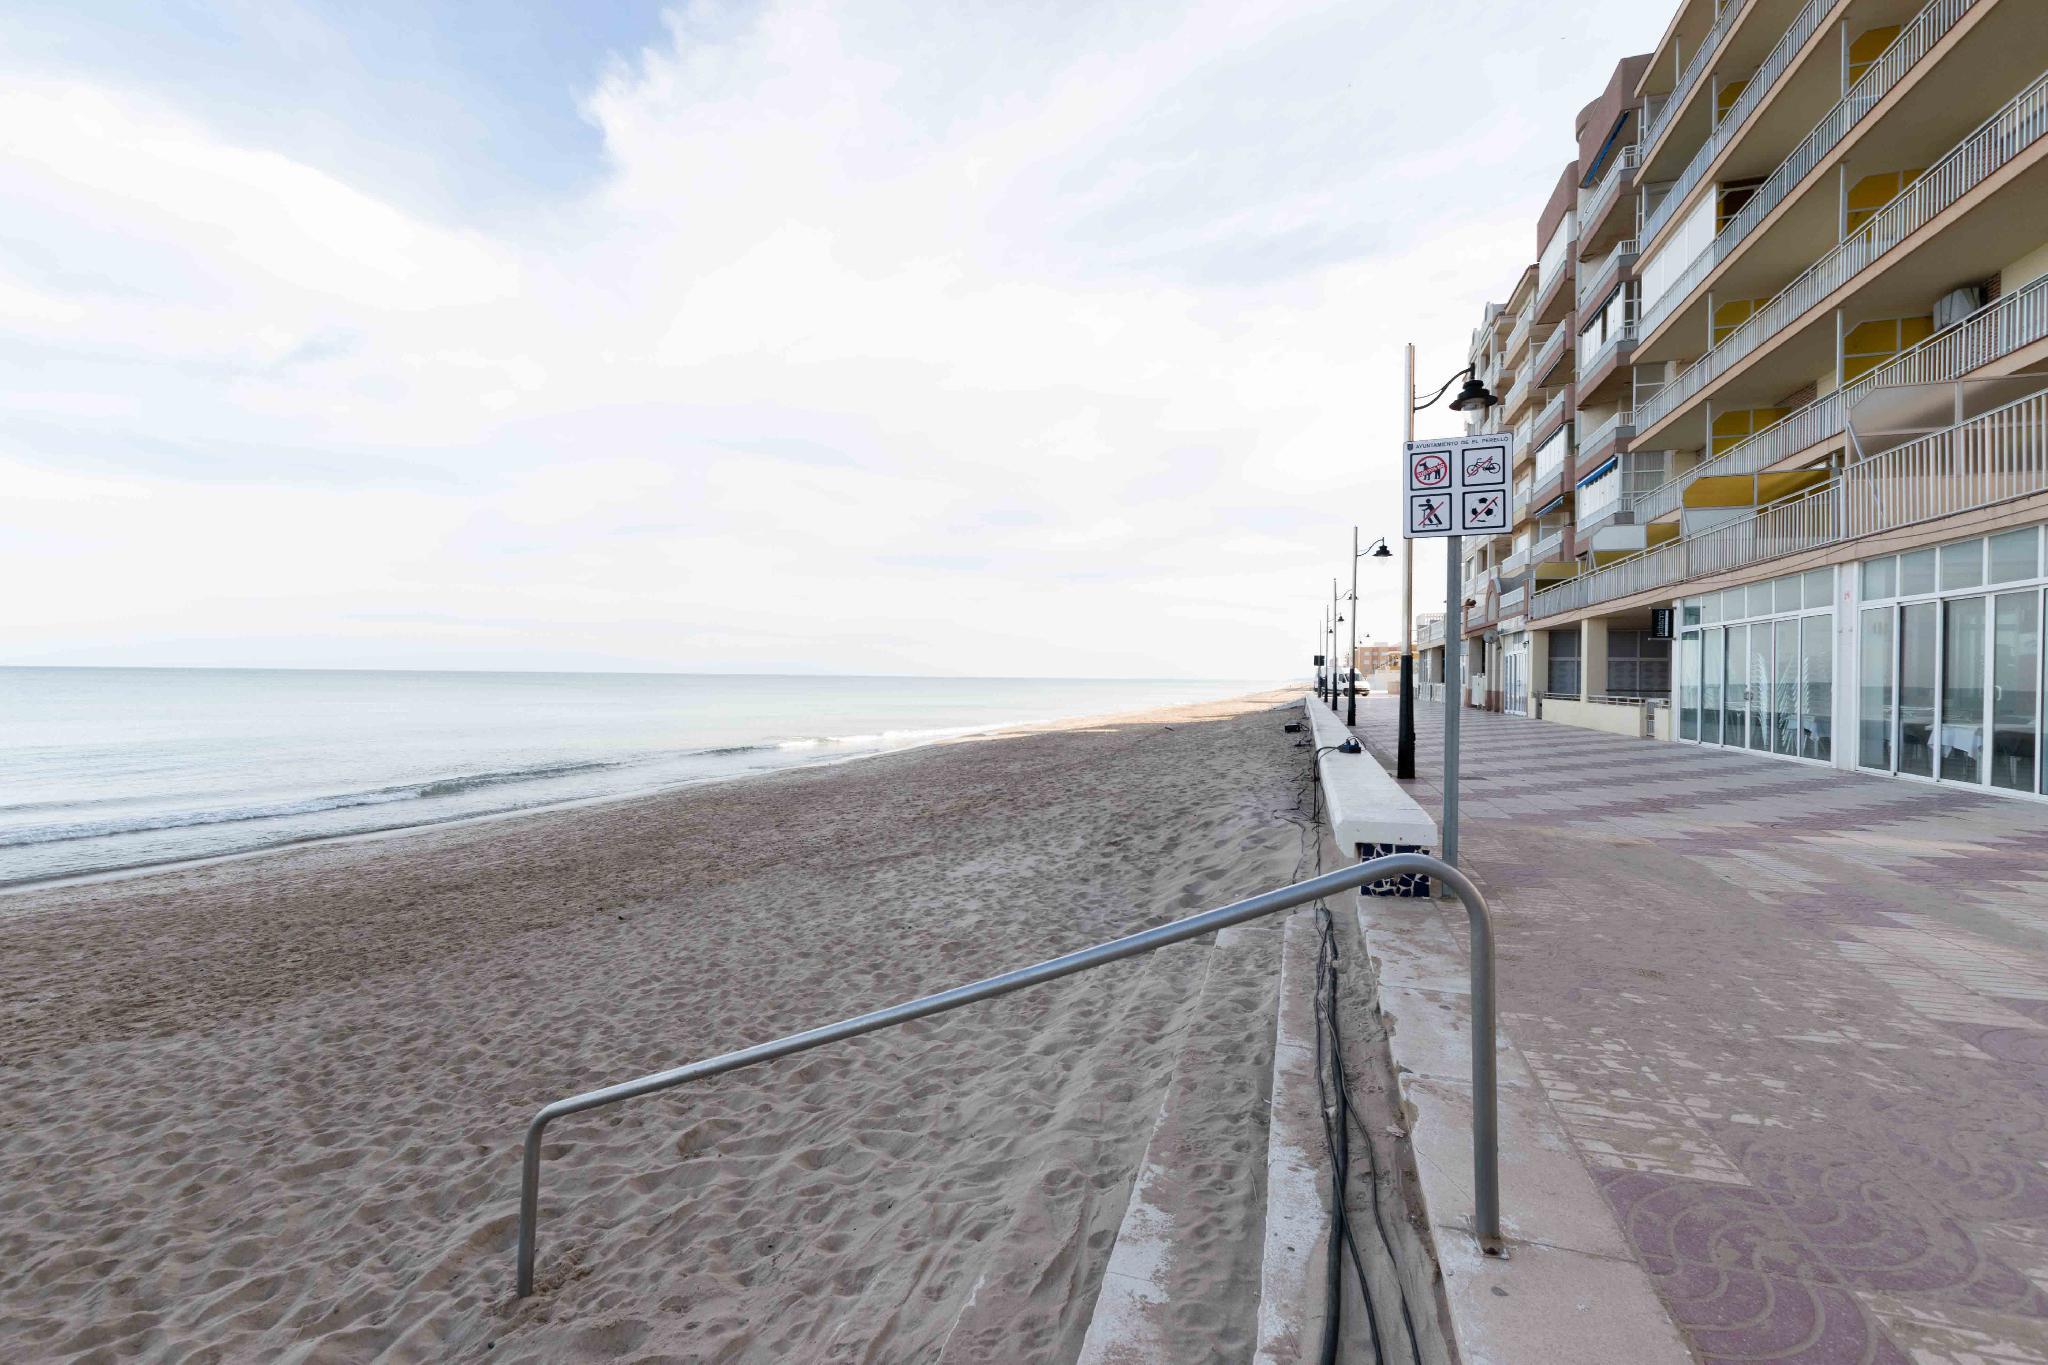 233889 - Playa el Perelló, junto a Consum y colegio el Perelló.